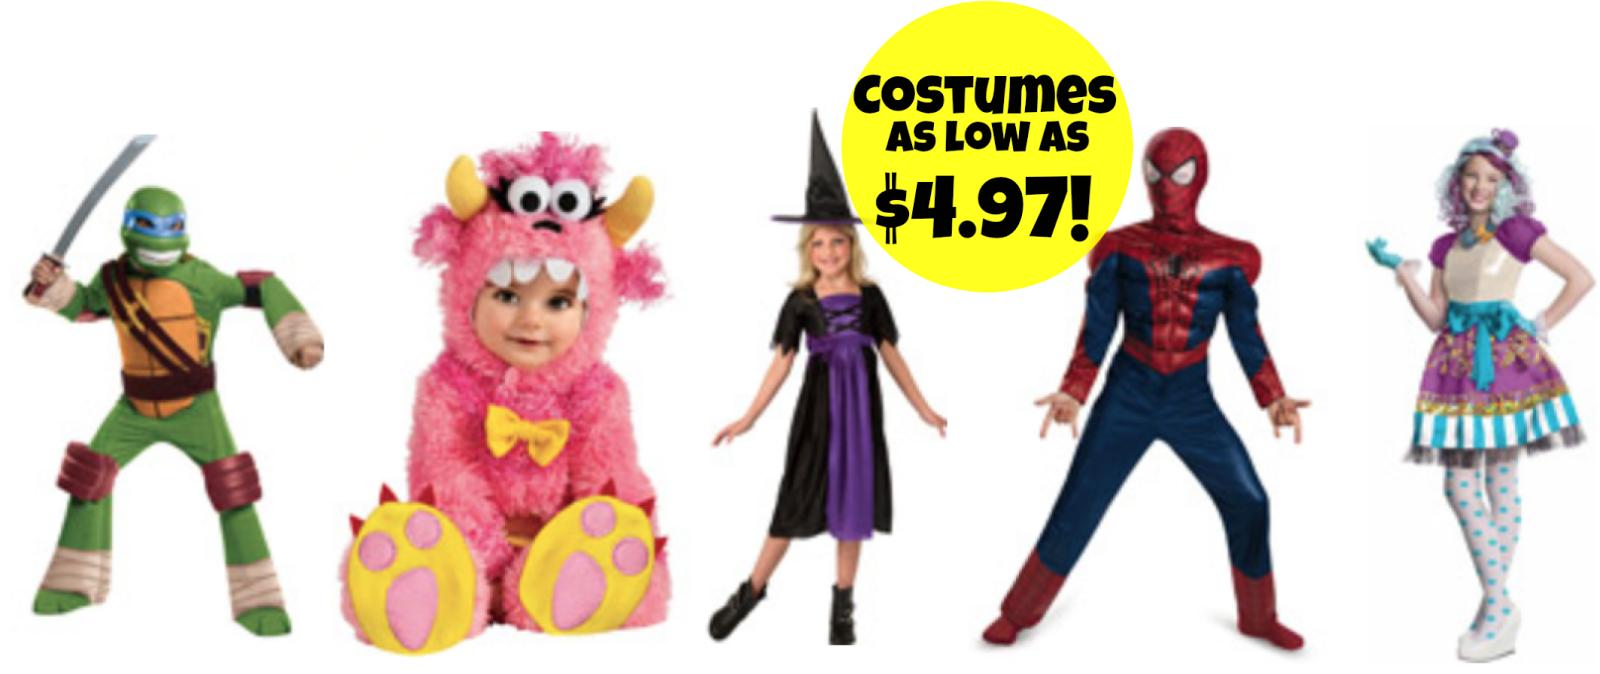 http://www.thebinderladies.com/2014/09/walmartcom-kids-babies-halloween.html#.VA3O5Evdtbw